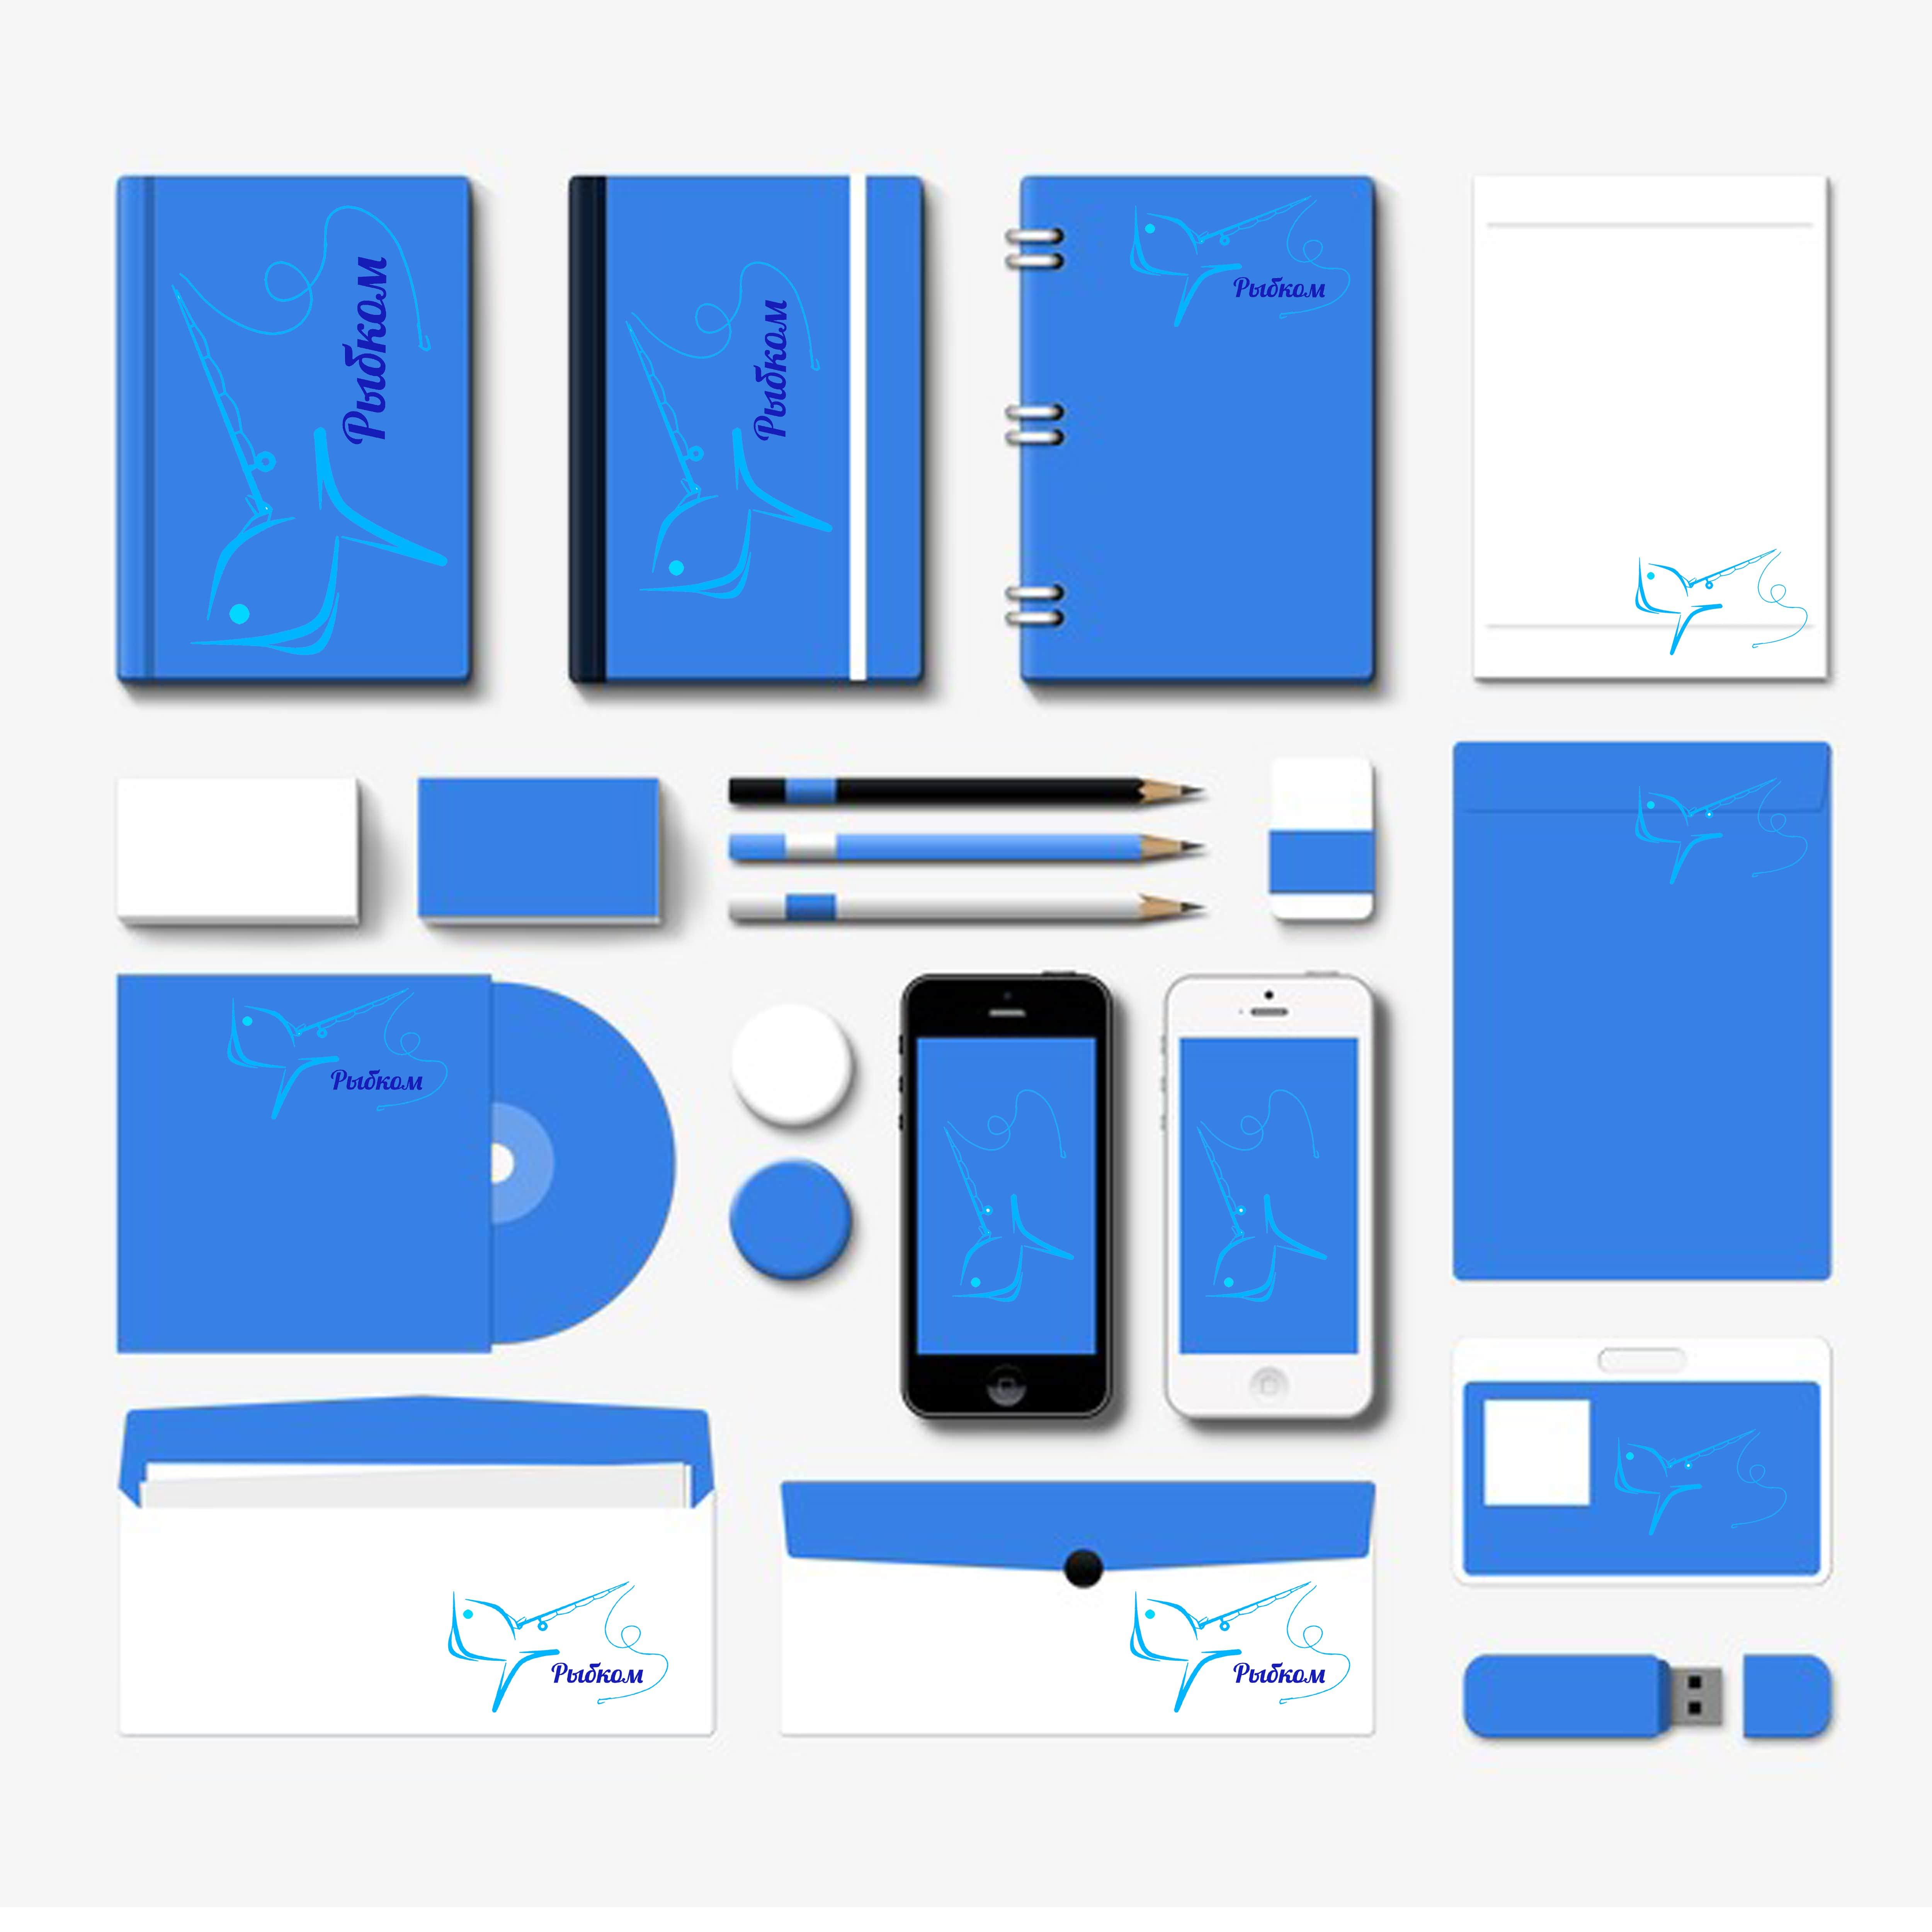 Создание логотипа и брэндбука для компании РЫБКОМ фото f_1765c0d5313f32ce.jpg